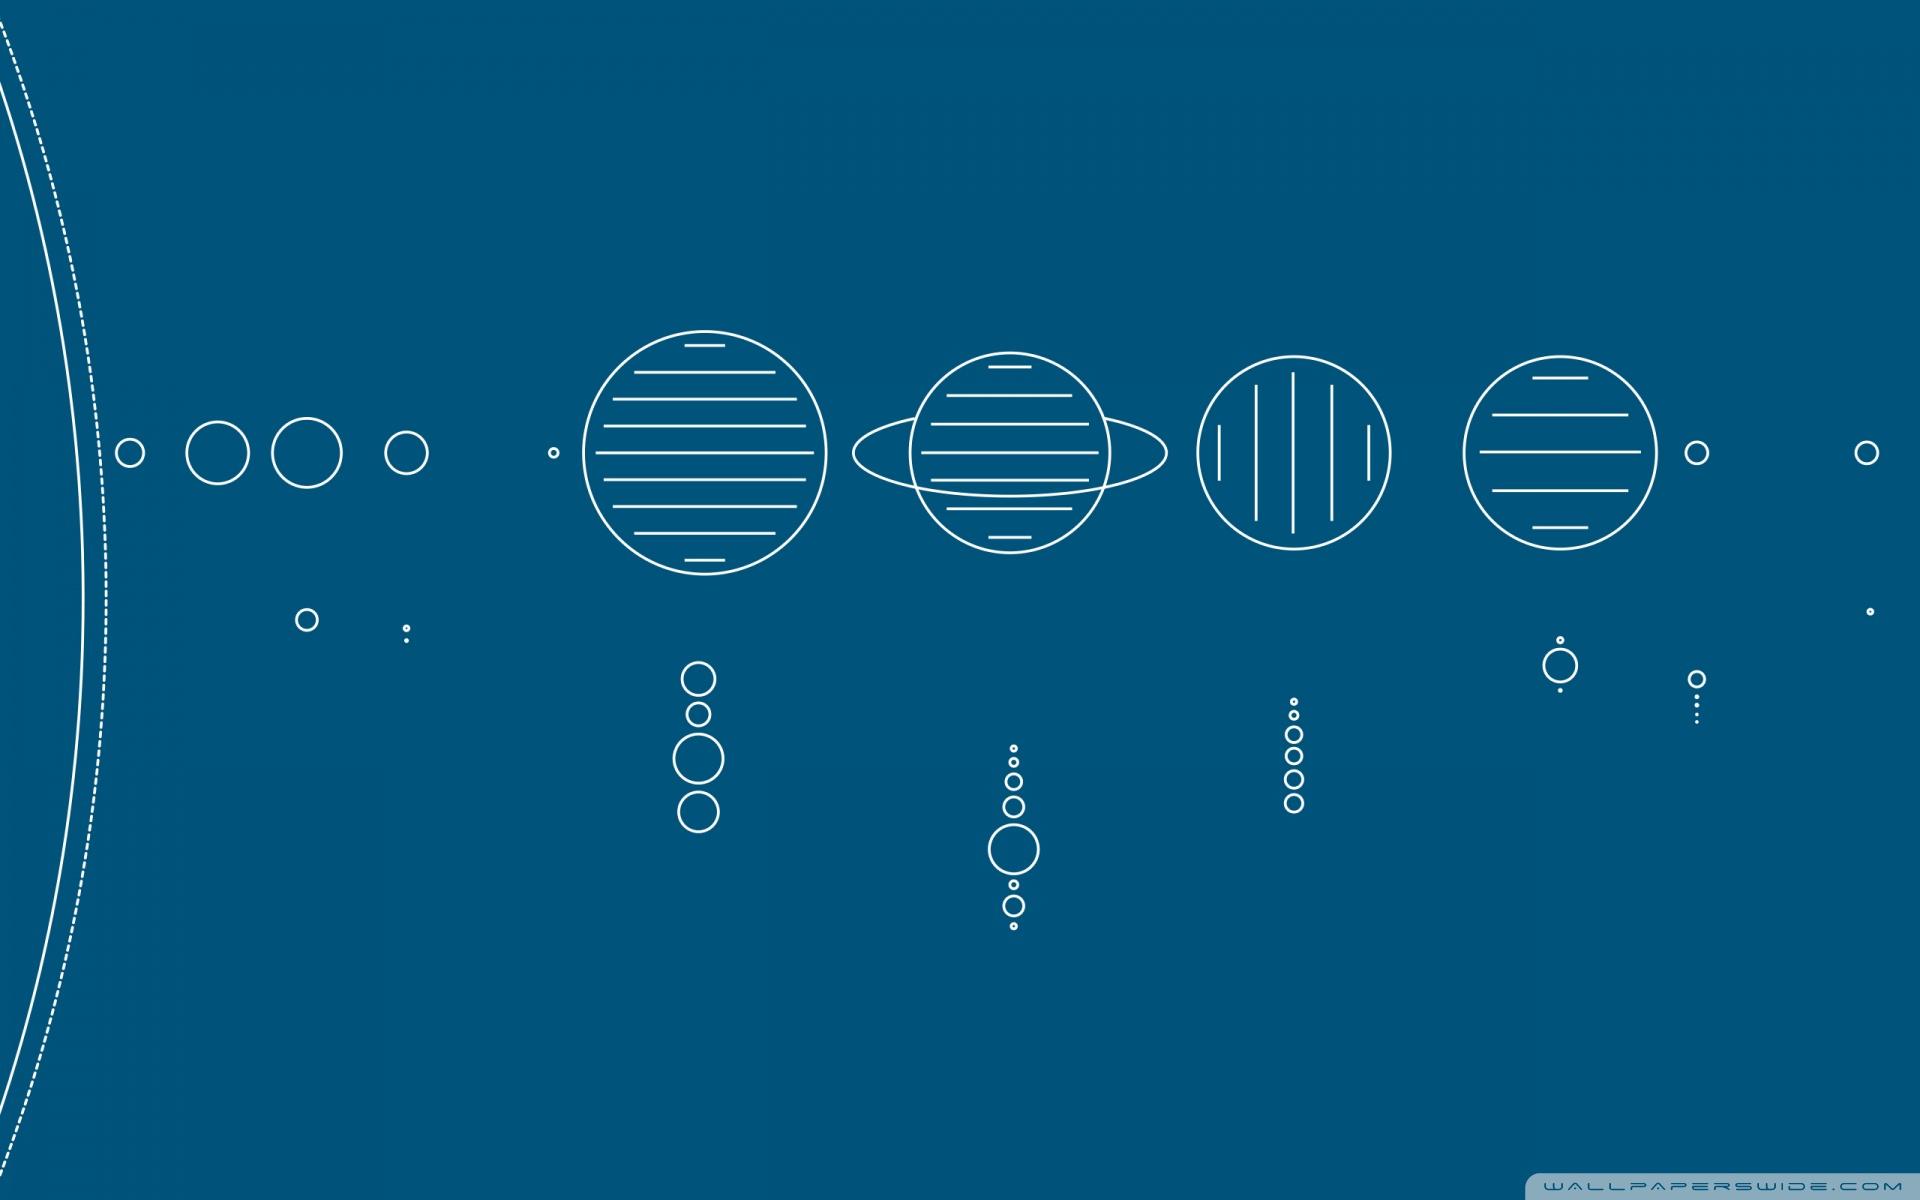 Astronomy Wallpaper Hd Minimal Solar System 4k Hd Desktop Wallpaper For 4k Ultra